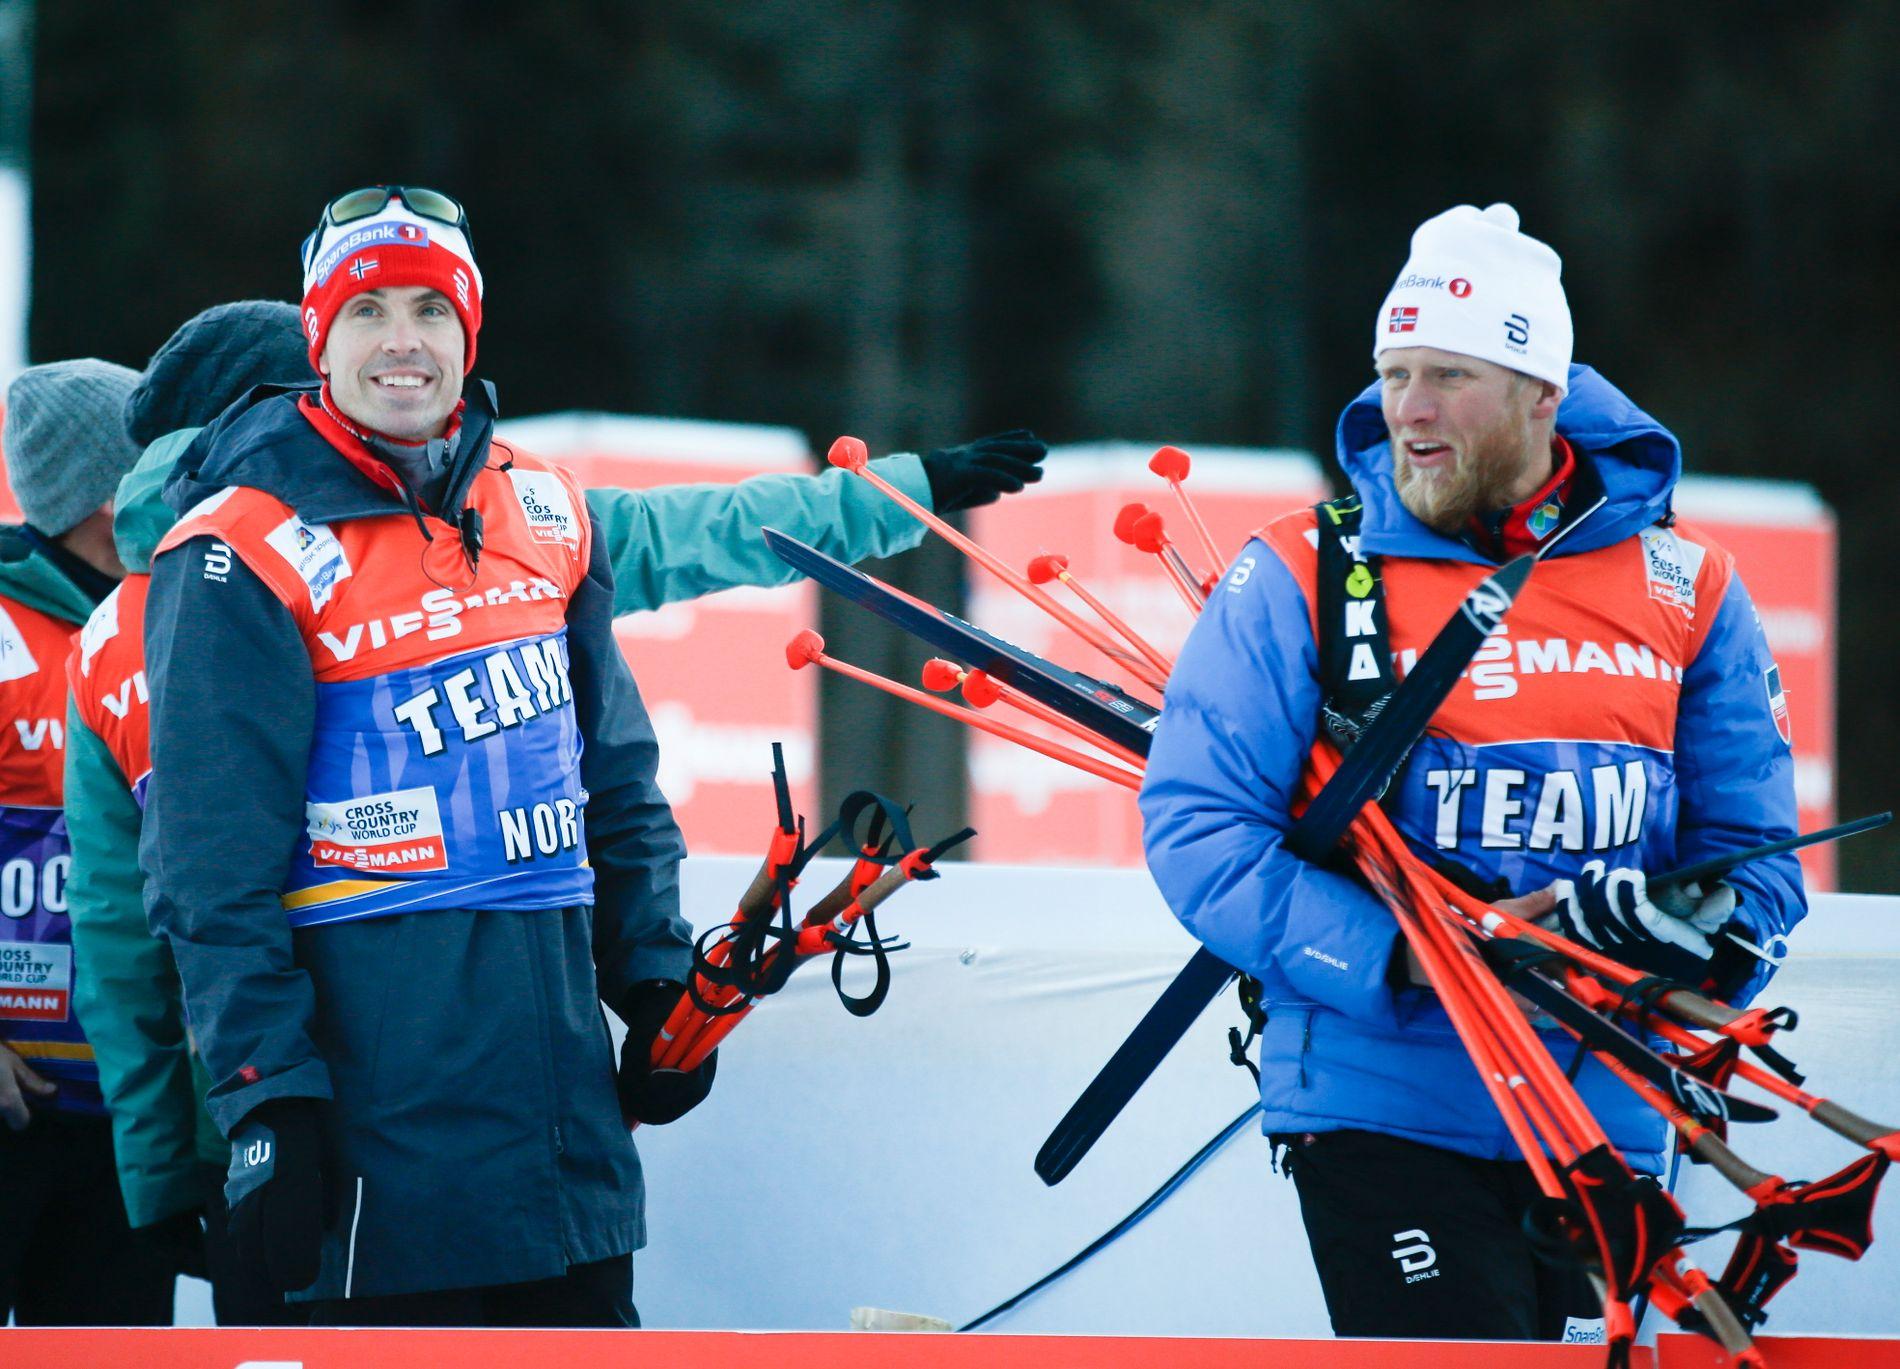 SKILLES: Landslagssjef Vidar Løfshus, her sammen med daværende allroundtrener Tor-Arne Hetland under Tour de Ski i 2017.